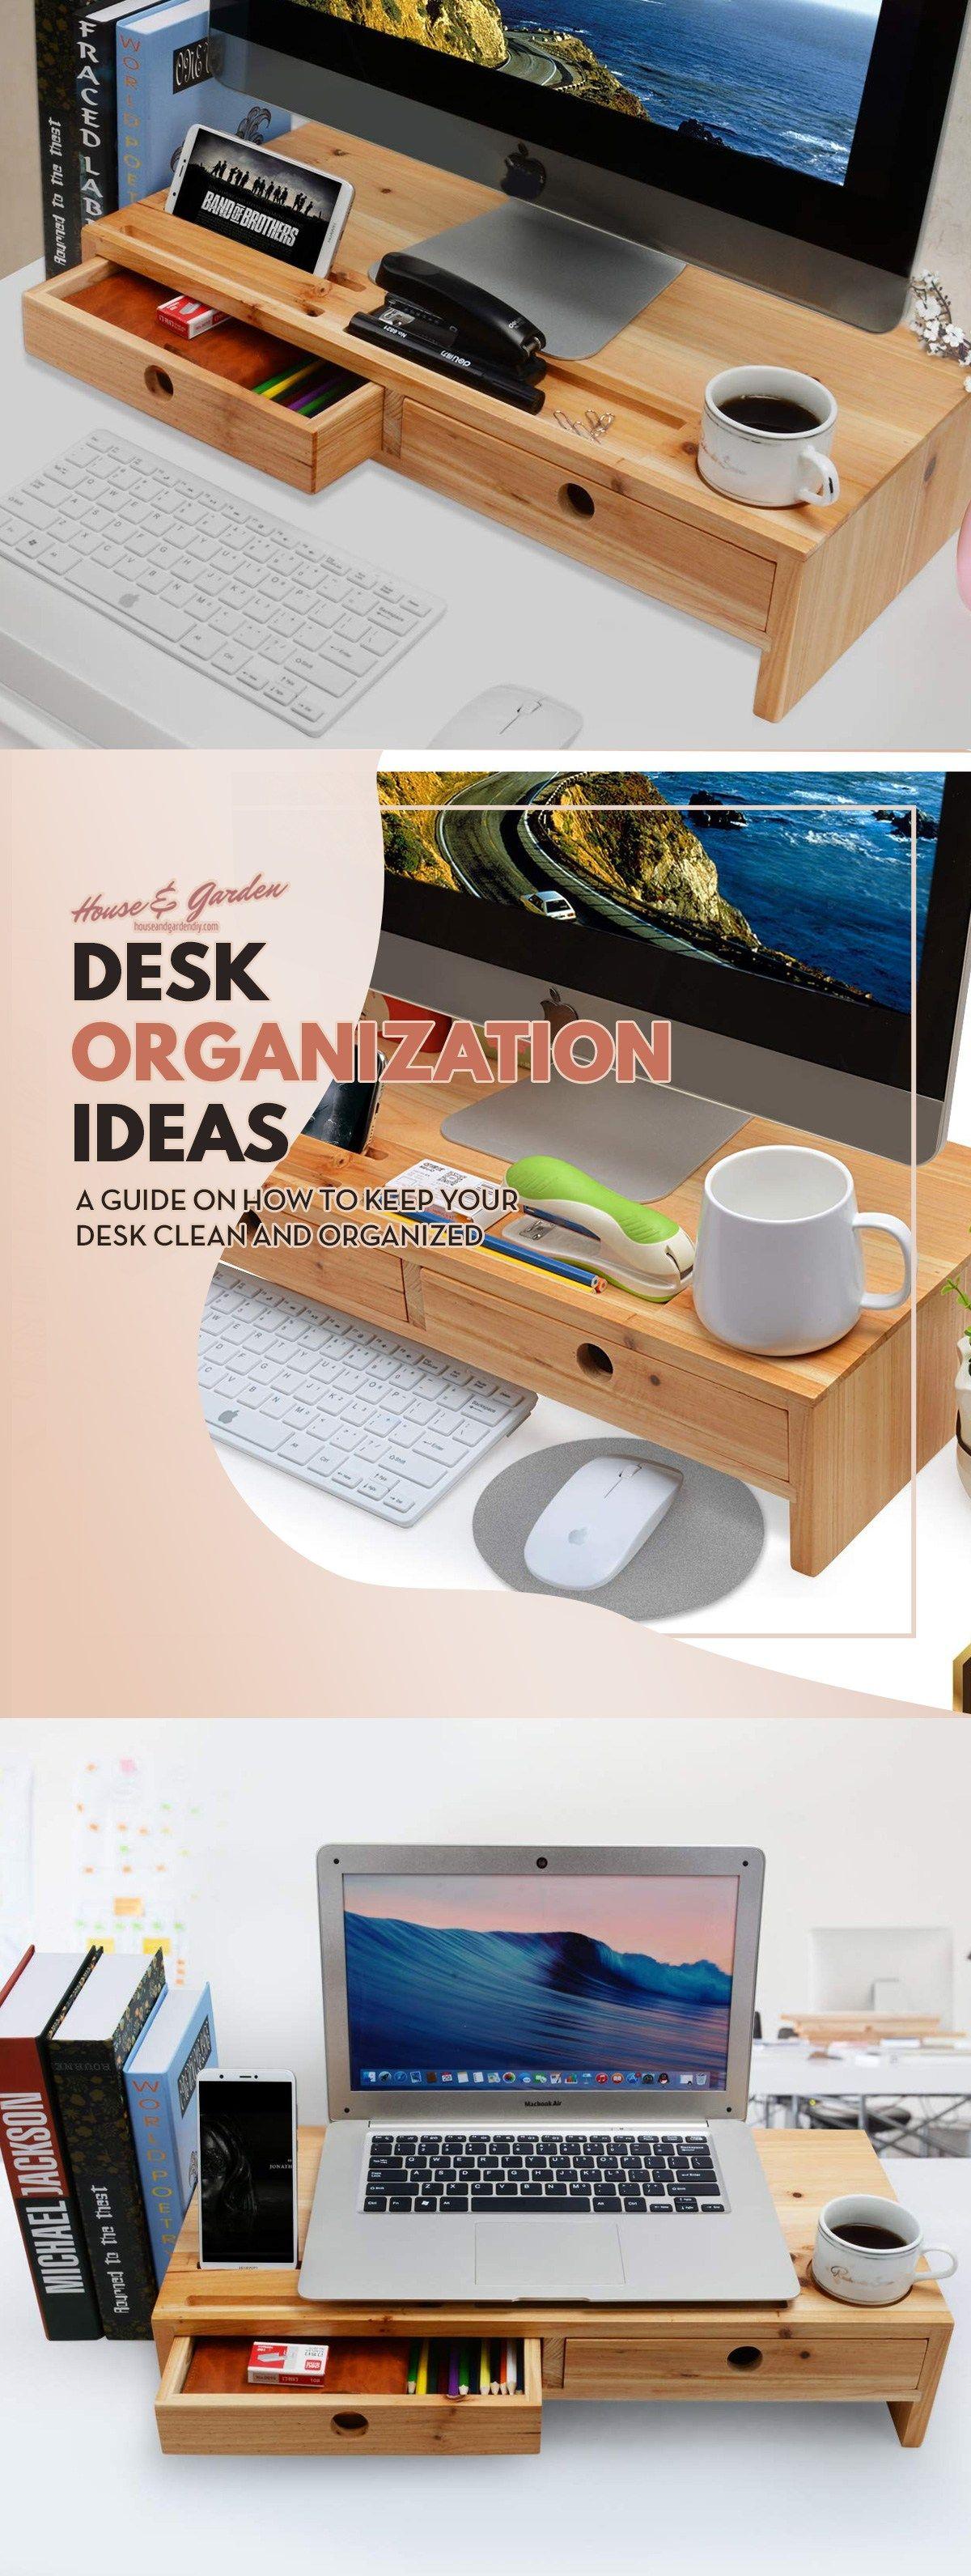 Ideen für die Organisation von mehr als 15 Arbeitsplätzen (Tipps für die Organisation von Arbeitsplätzen Halten Sie Ihren Schreibtisch sauber) - Haus und Garten D